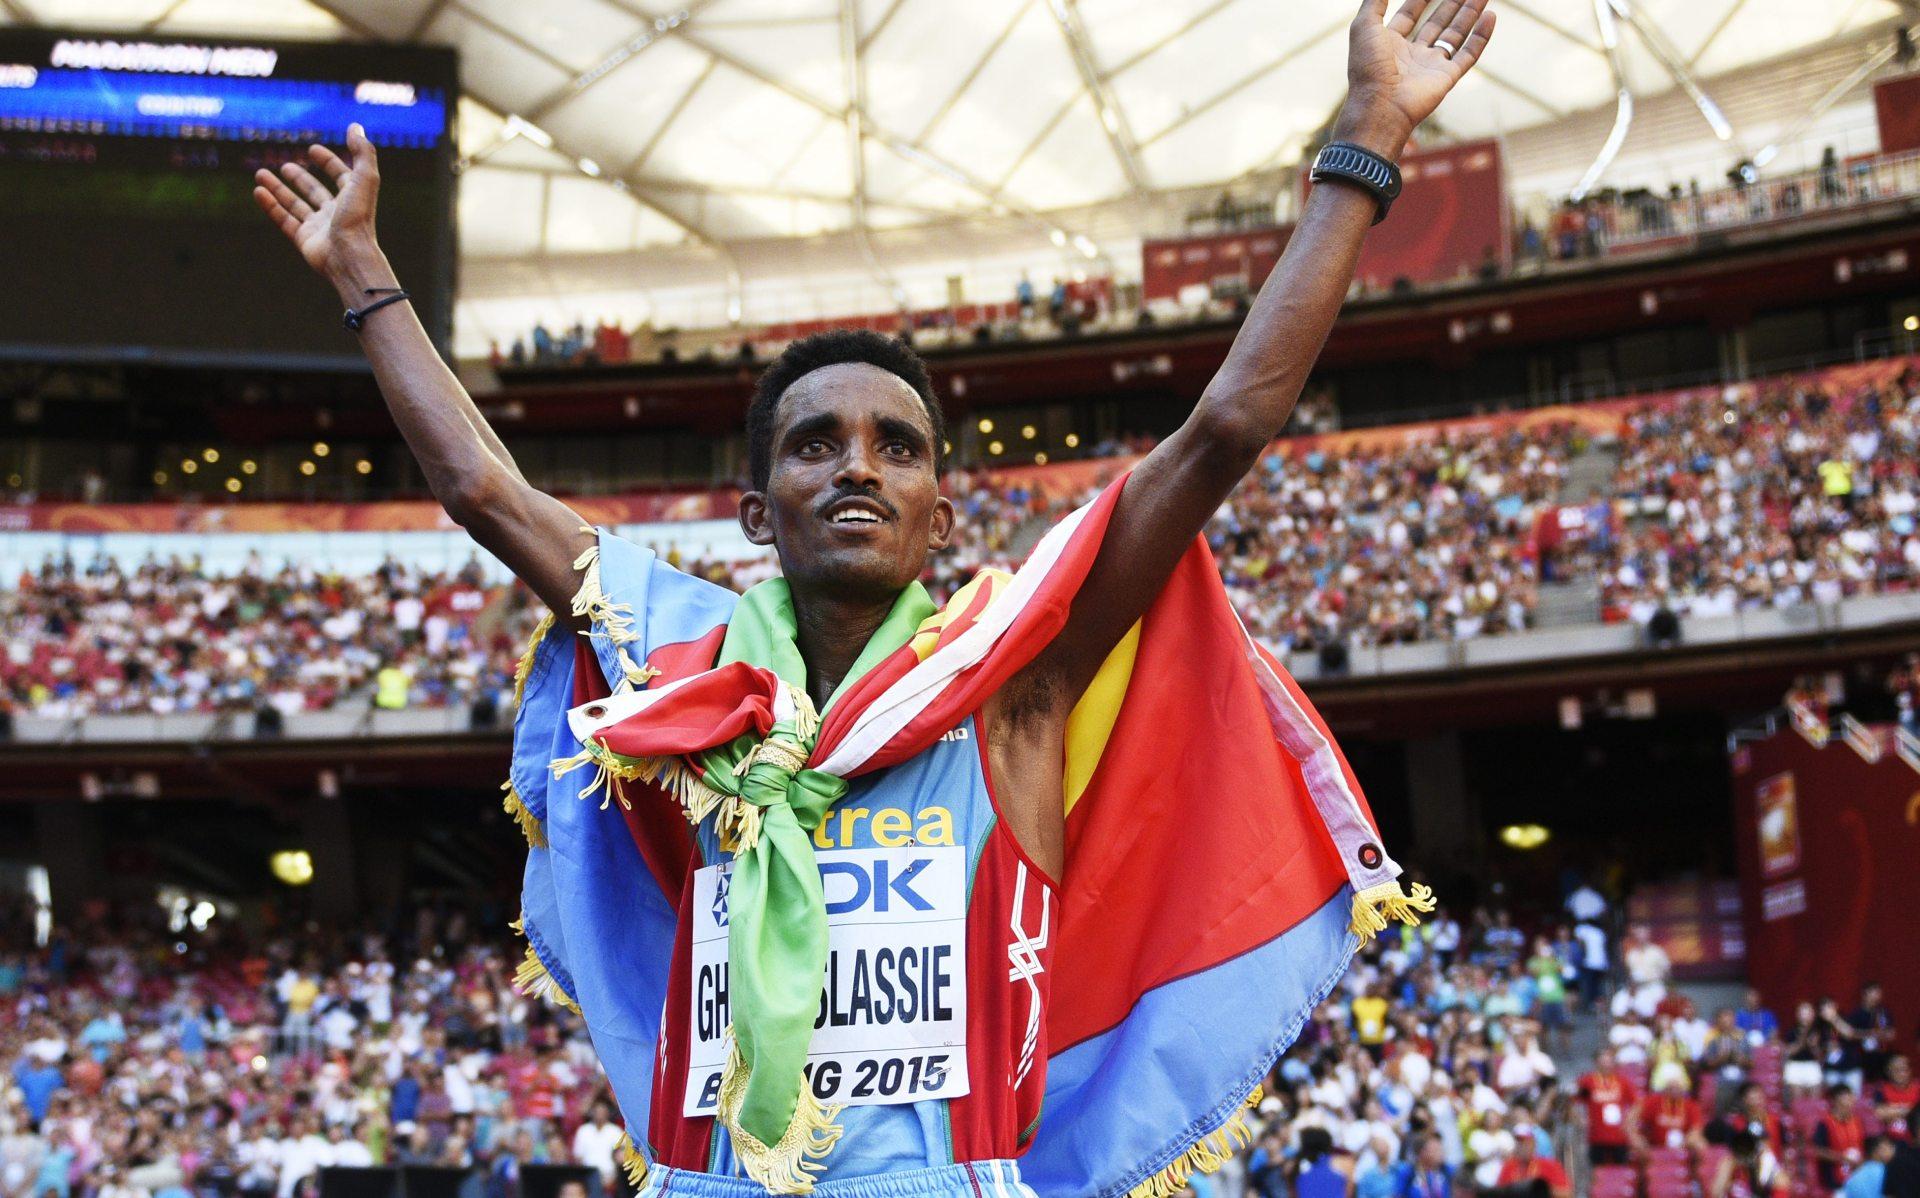 Tinejdžer osvojio zlato u maratonu za Eritreju